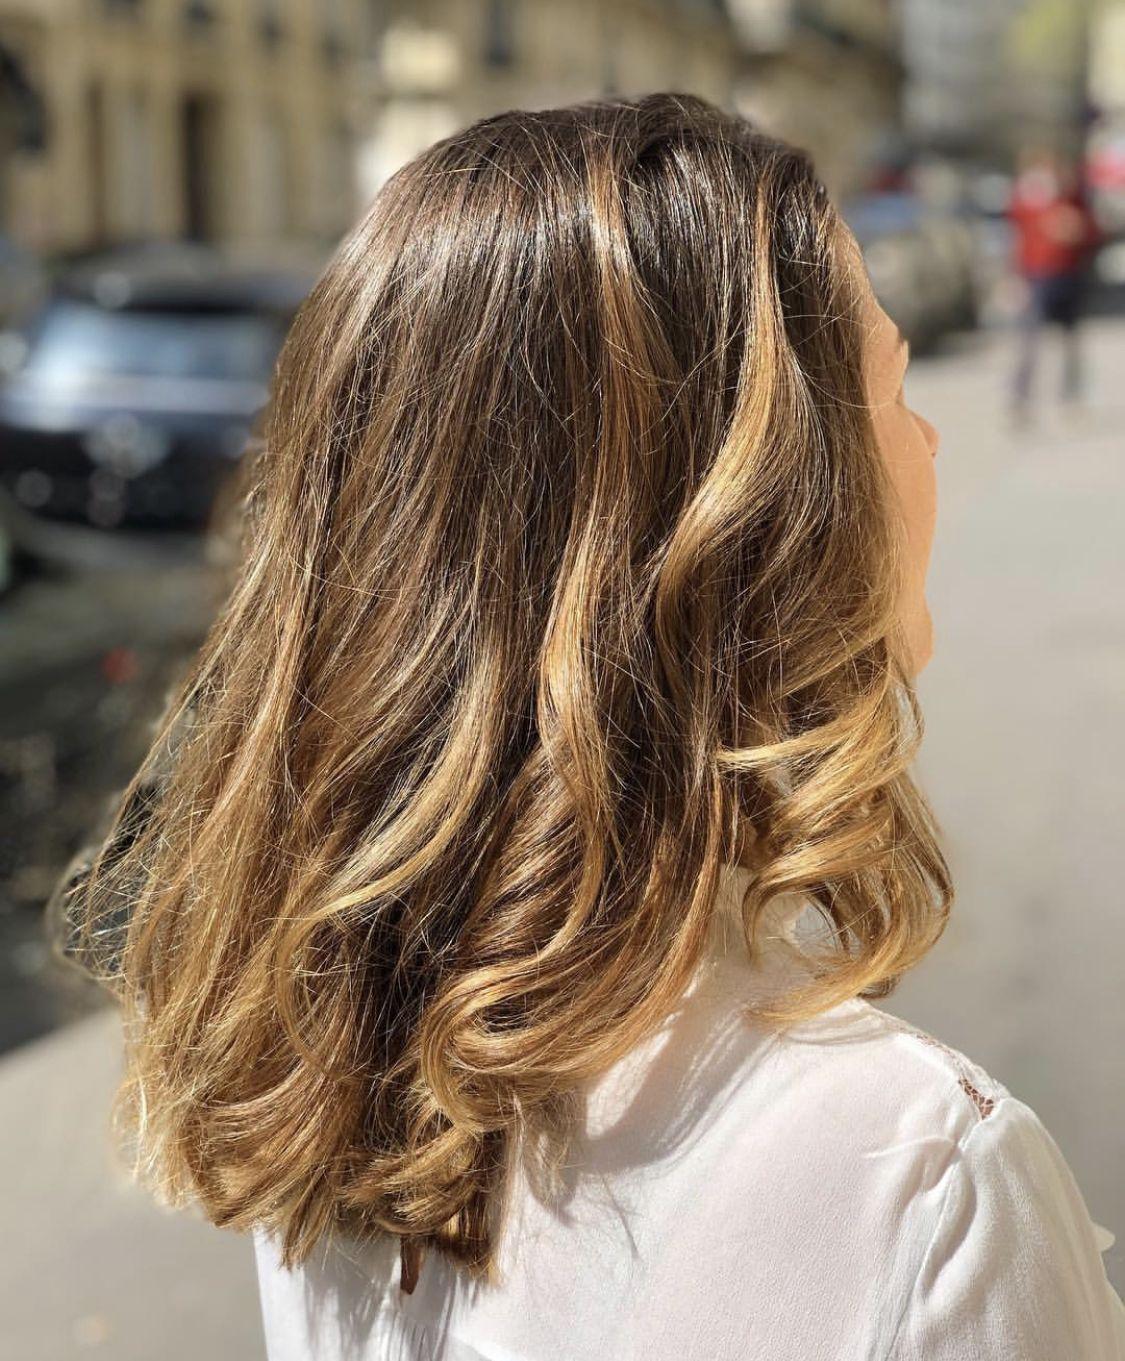 Blonde Blondehair Cheveux Cheveuxcolores Couleur Cheveuxmilong Meches Cheveuxmeches Coloriste Color Idees De Coiffures Cheveux Mi Long Cheveux Meches